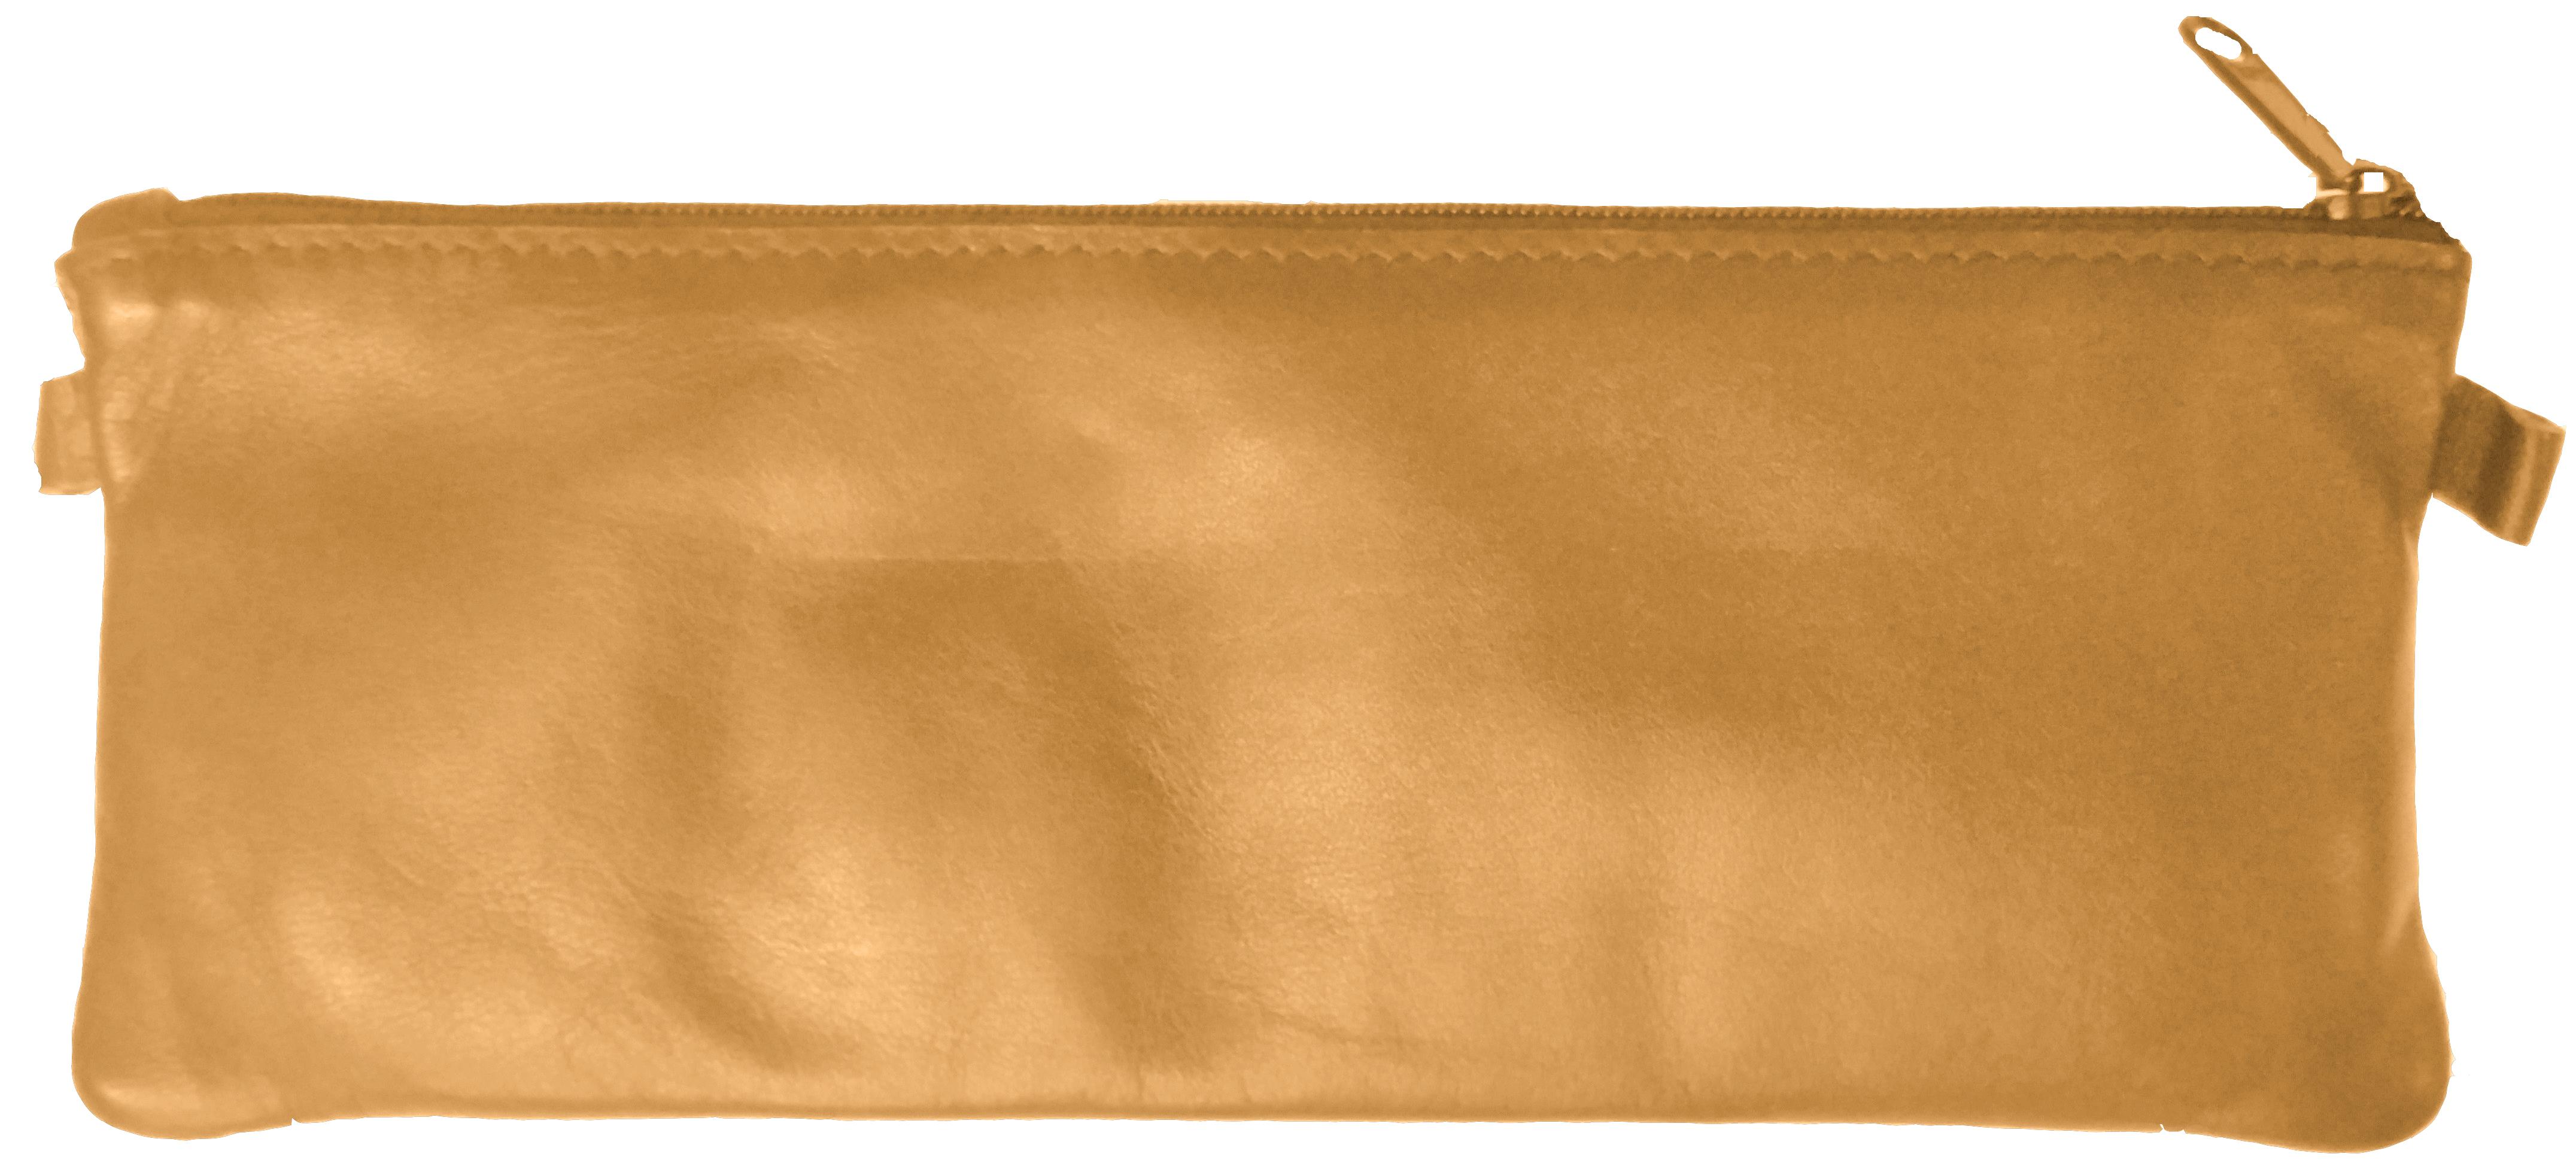 Trousse Merinos GM plate - 1 compartiment - cuir de mouton havane - Quo Vadis